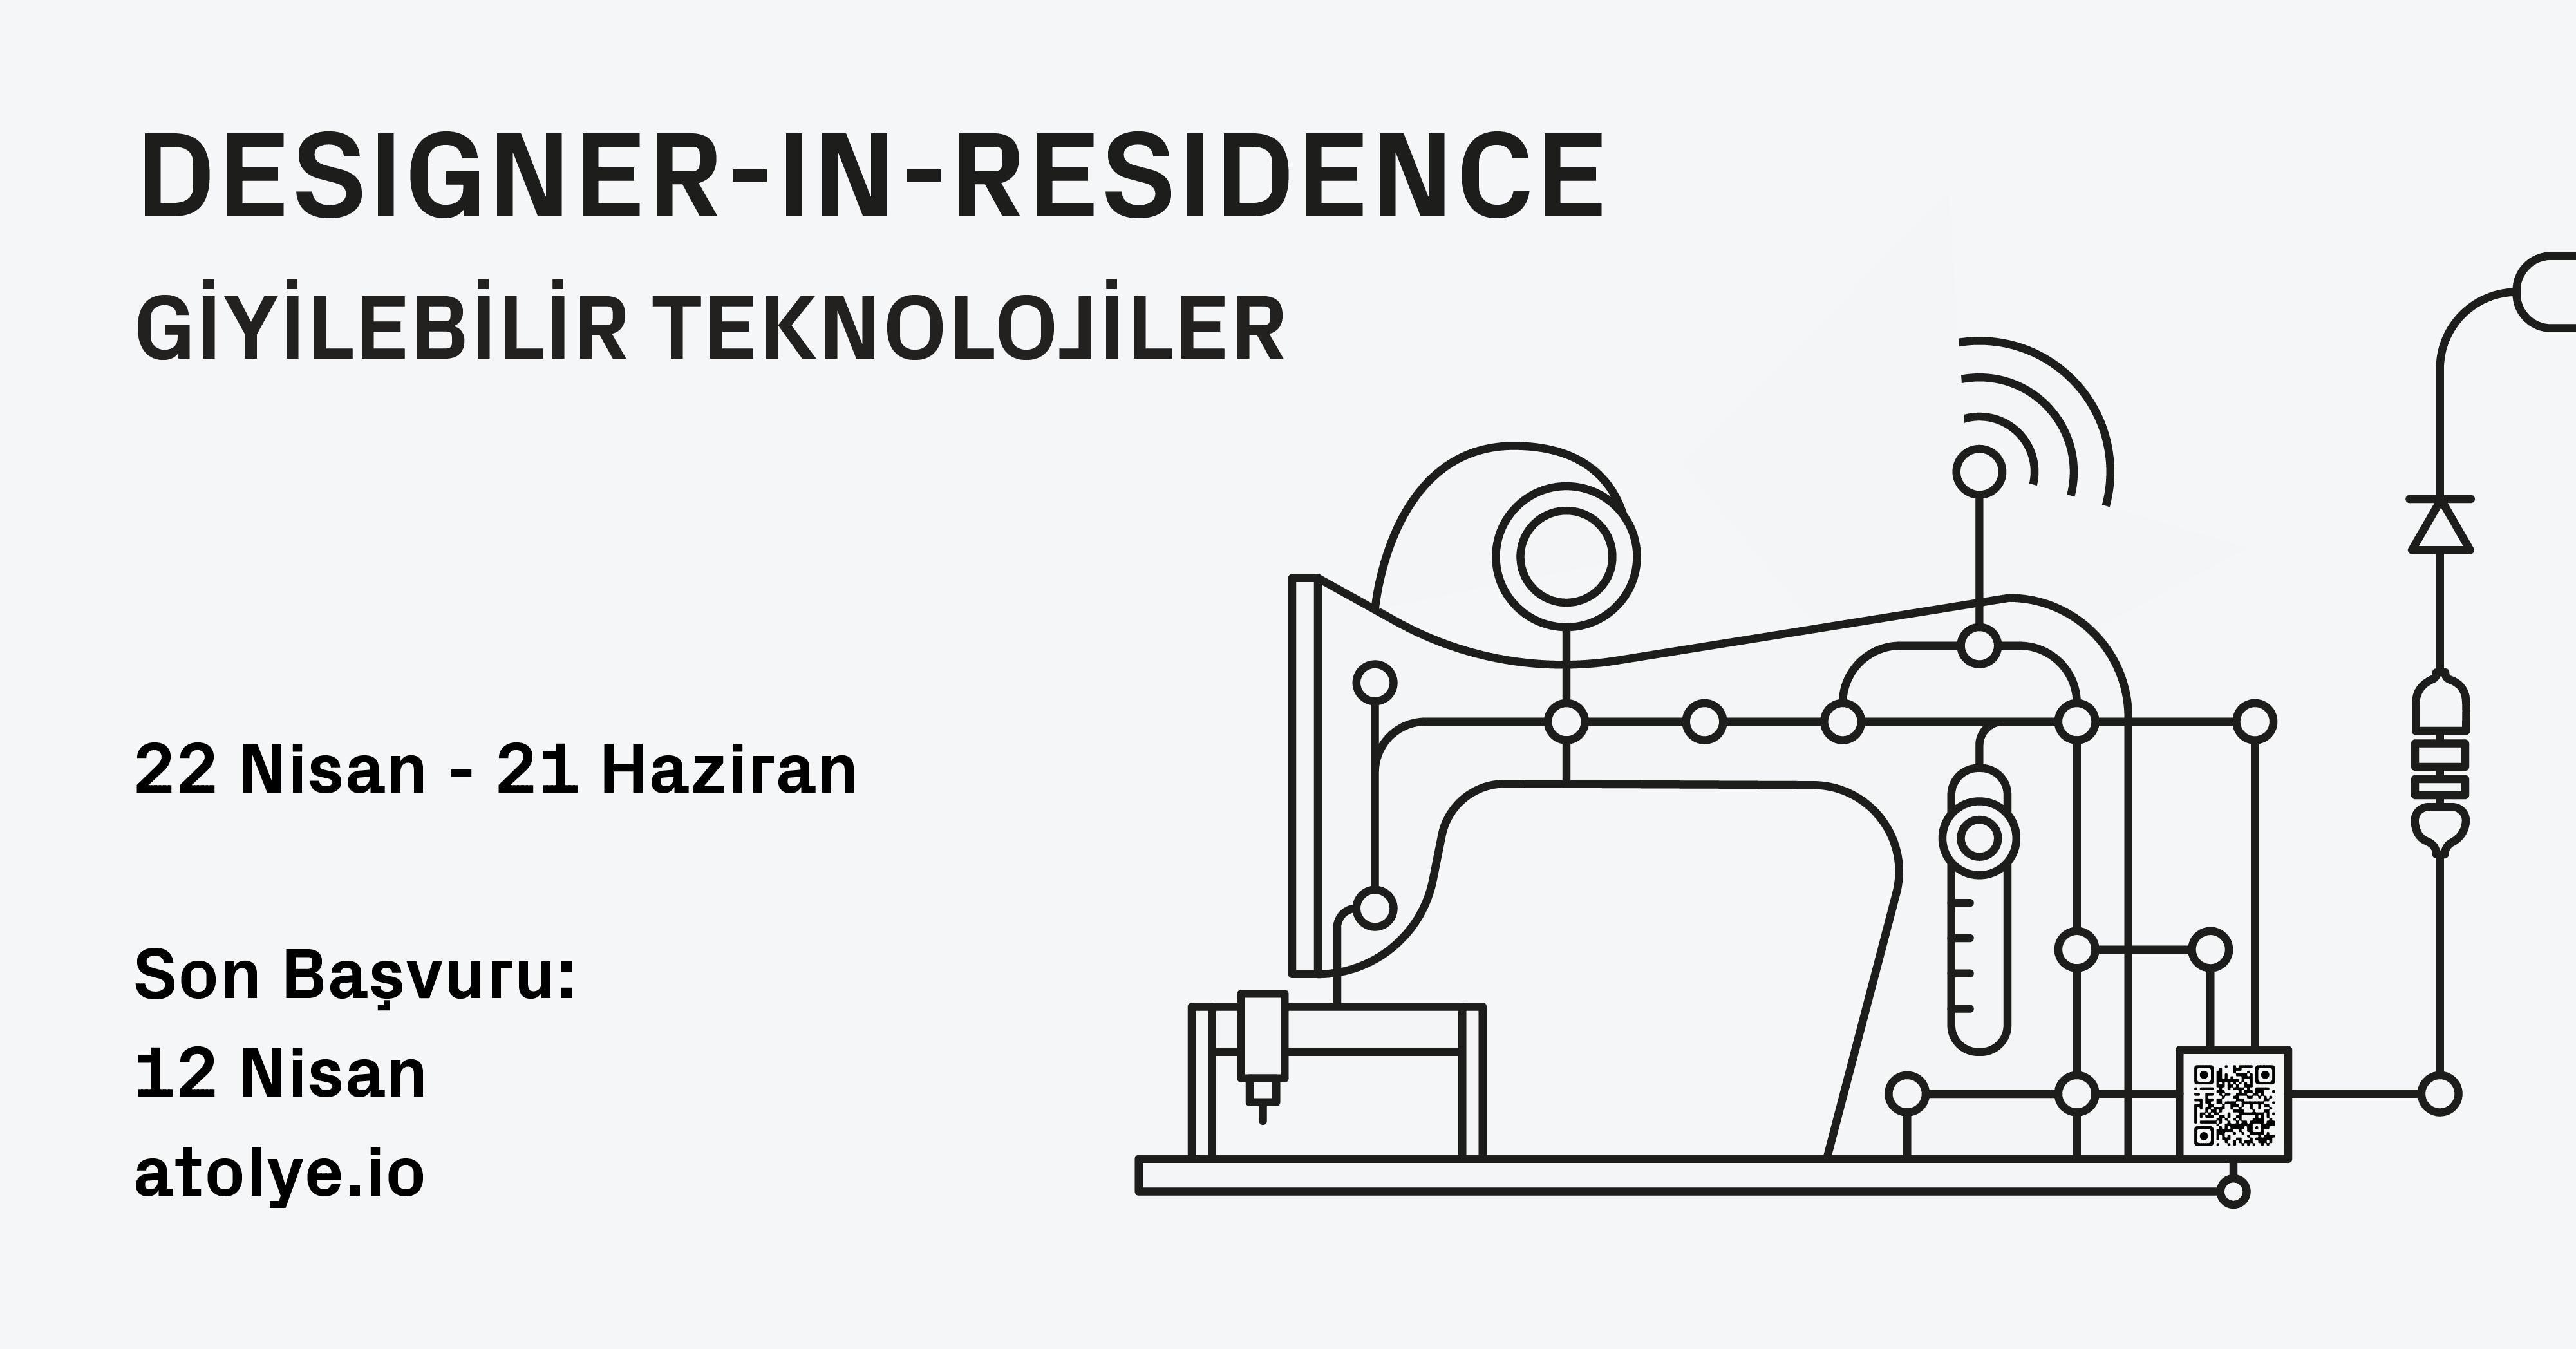 ATÖLYE'den Designer-in-Residence ile Tasarımcılara Açık Çağrı